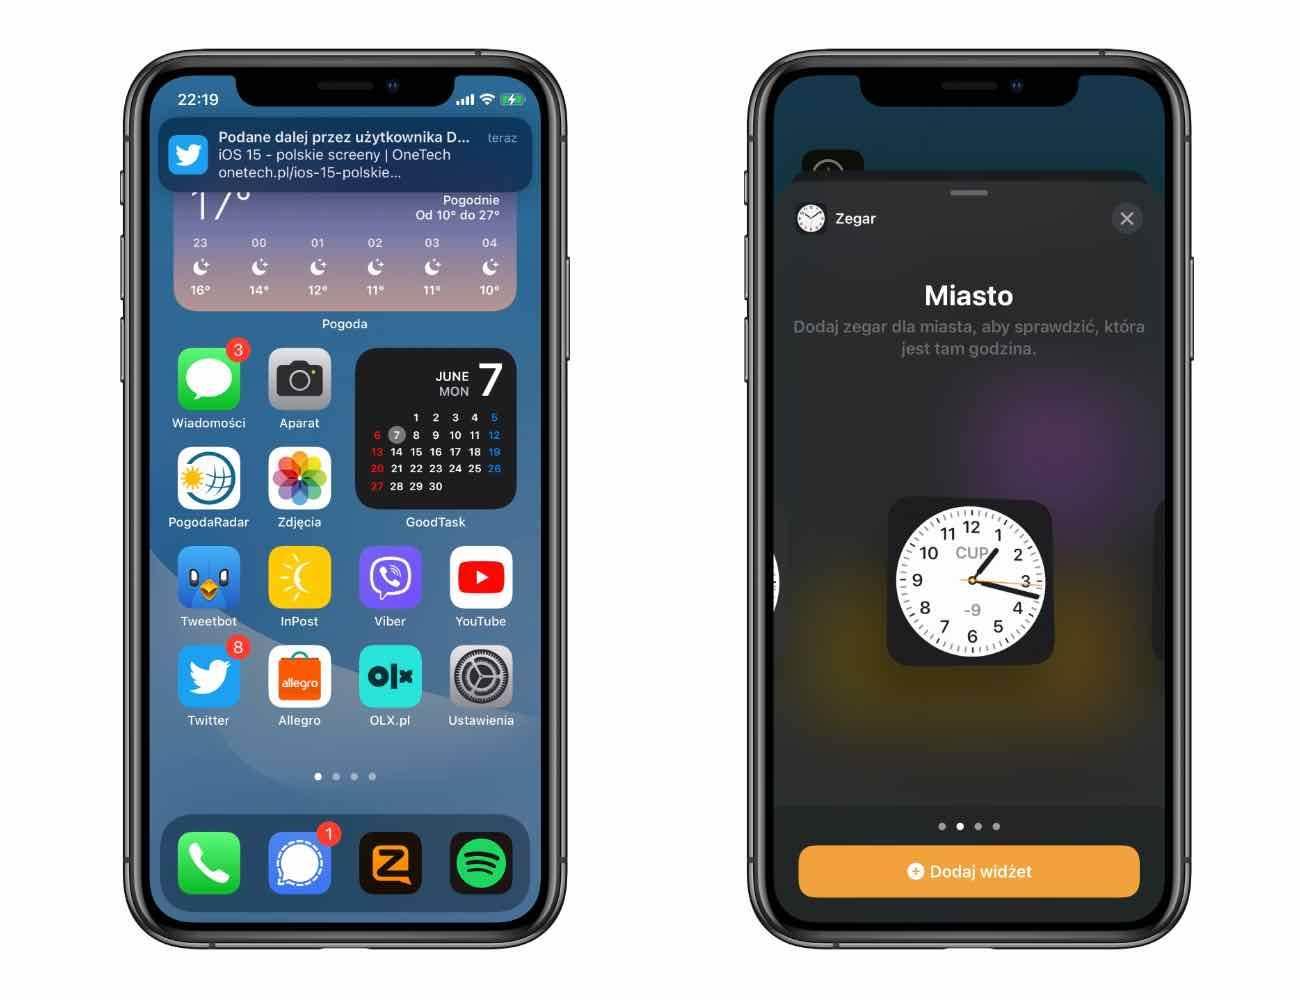 iOS 15 - polskie screeny polecane, ciekawostki zrzuty ekranu, screeny, polskie screeny z iOS 15, jak wygląda iOS 15, iOS 15 screeny, iOS 14 screeny, iOS, Apple  Pierwsza beta iOS 15 jest już w naszych rękach, więc przygotowaliśmy dla Was polskie screeny z najnowszej wersji iOS. iOS15beta1 9